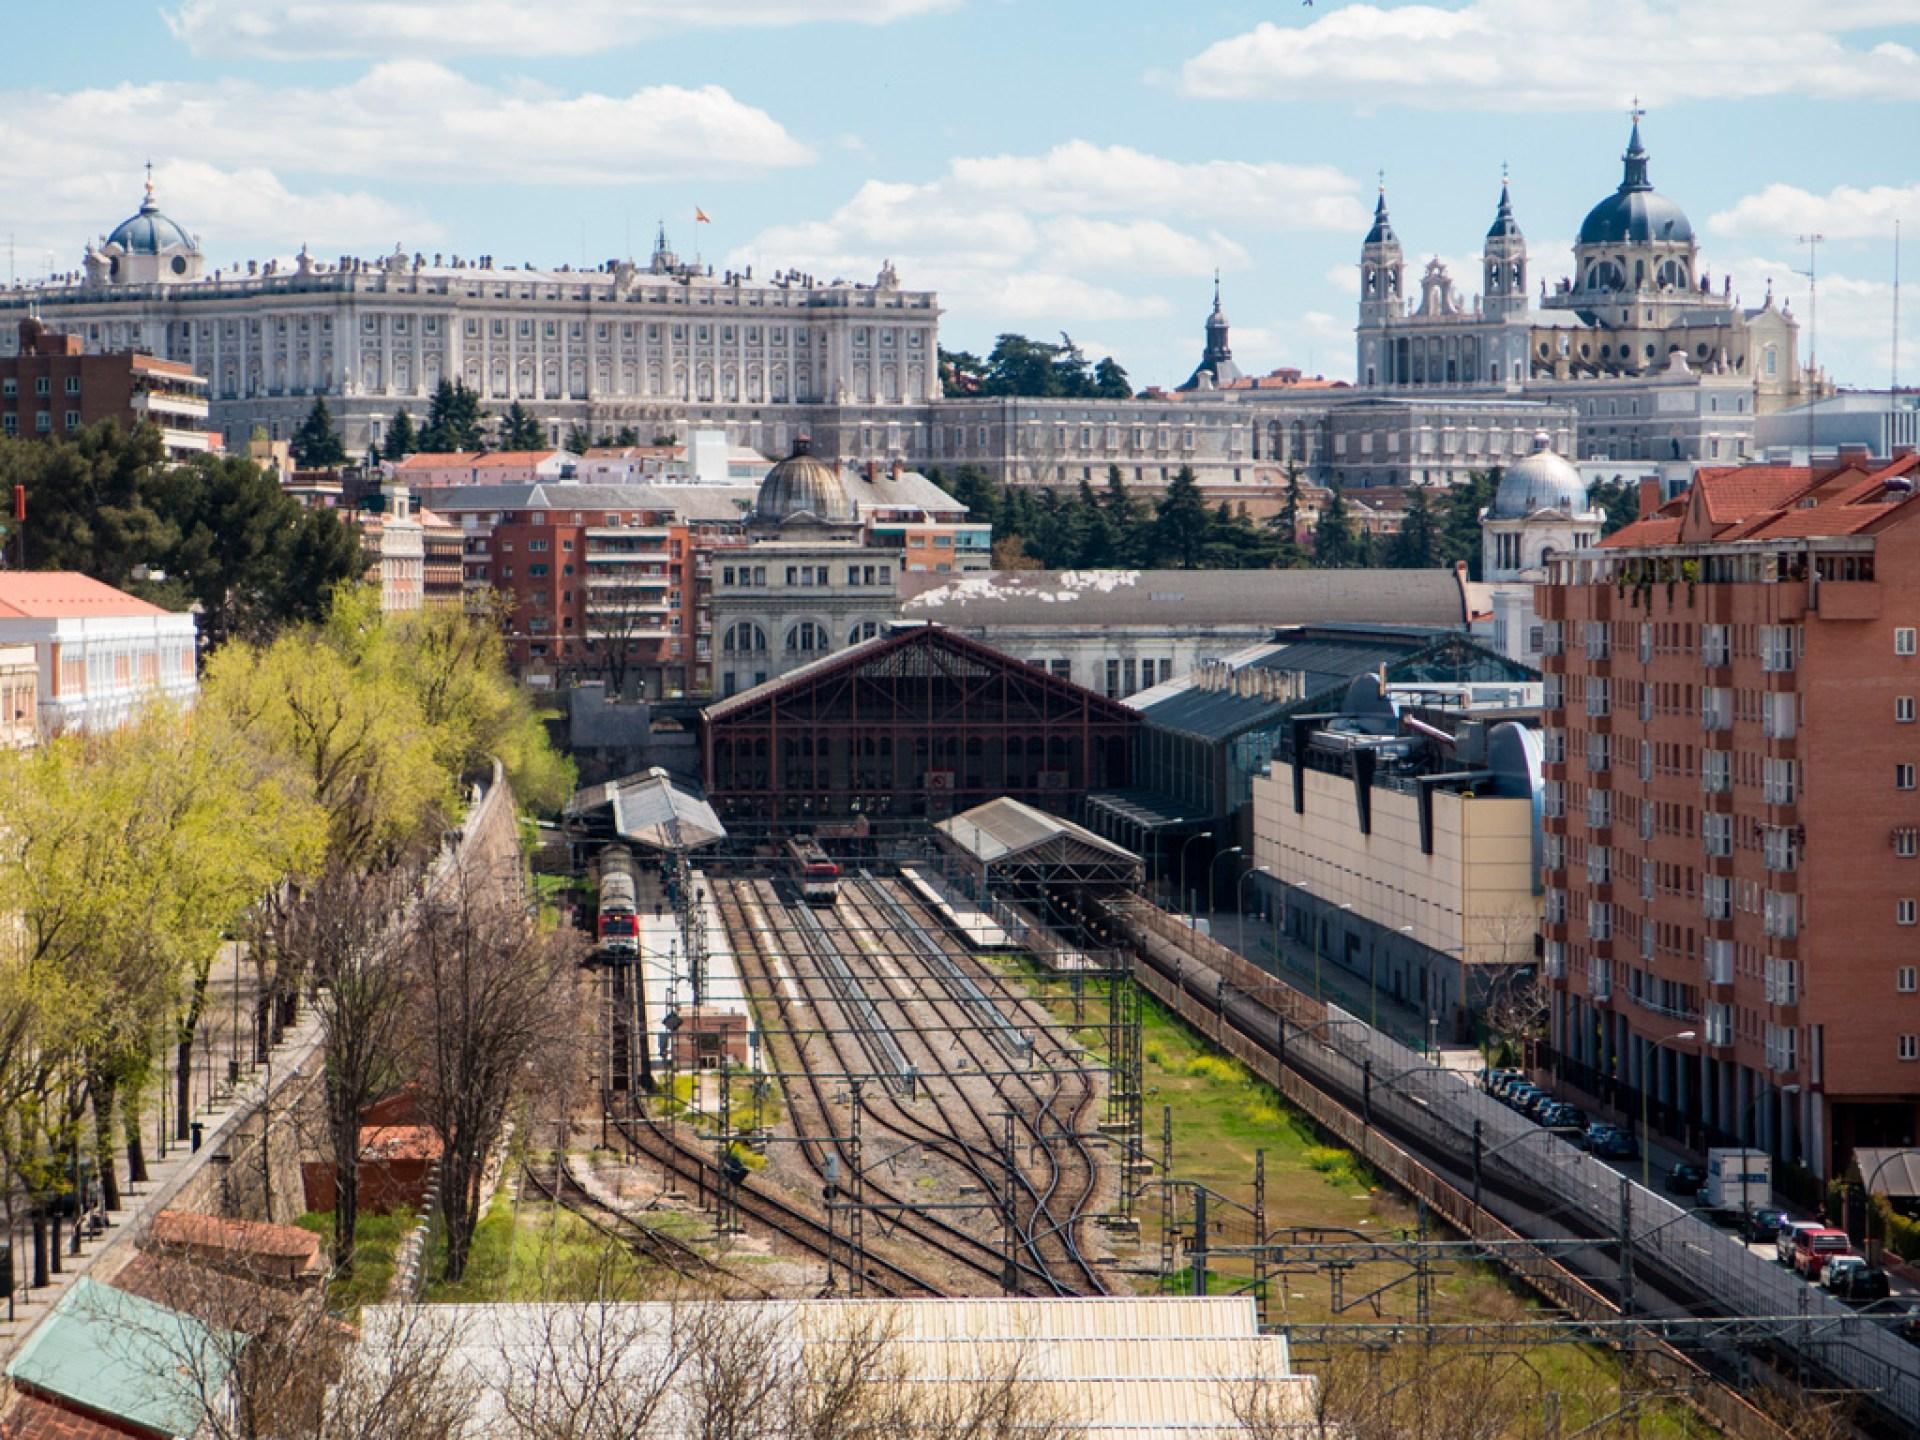 Widok na dworzec kolejowy Príncipe Pío, a nad nim po lewej – Pałac Królewski, po prawej – katedra.